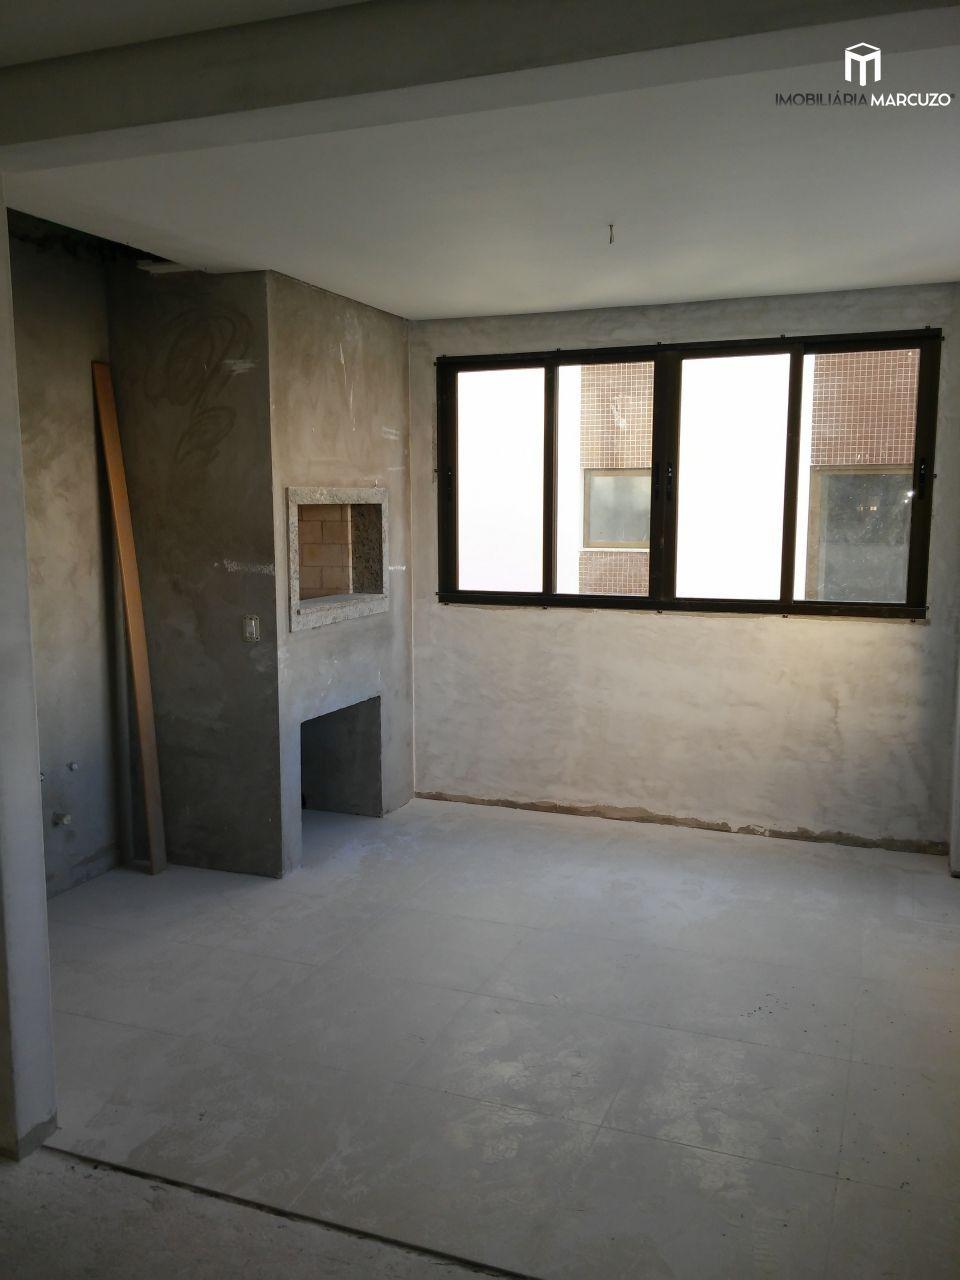 Apartamento com 2 Dormitórios à venda, 120 m² por R$ 450.000,00